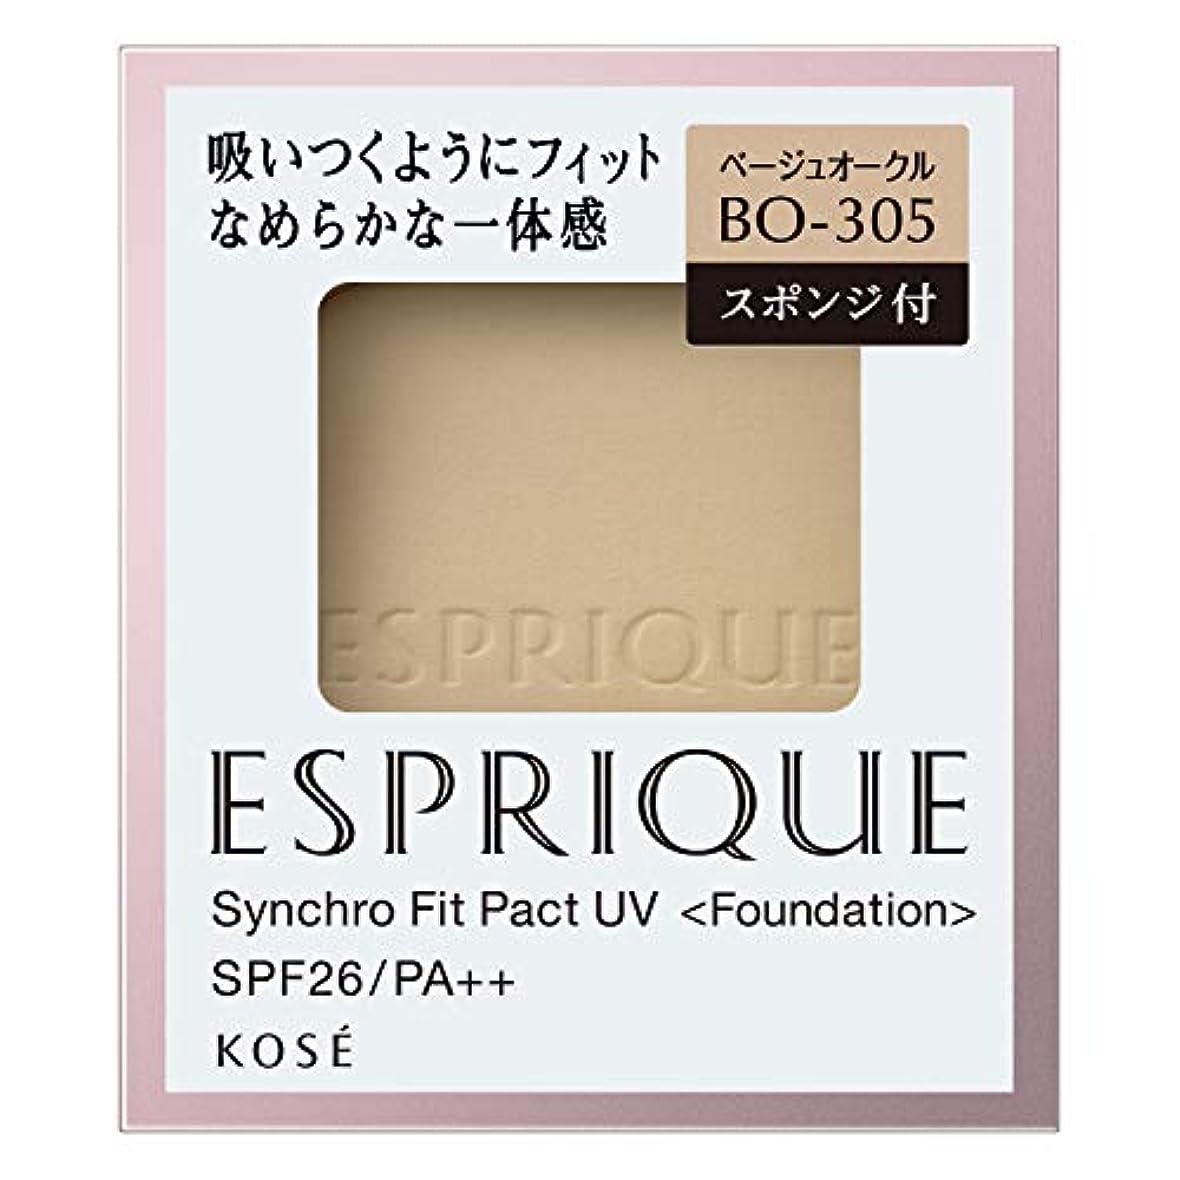 外向き腹痛黒人エスプリーク シンクロフィット パクト UV BO-305 ベージュオークル 9.3g